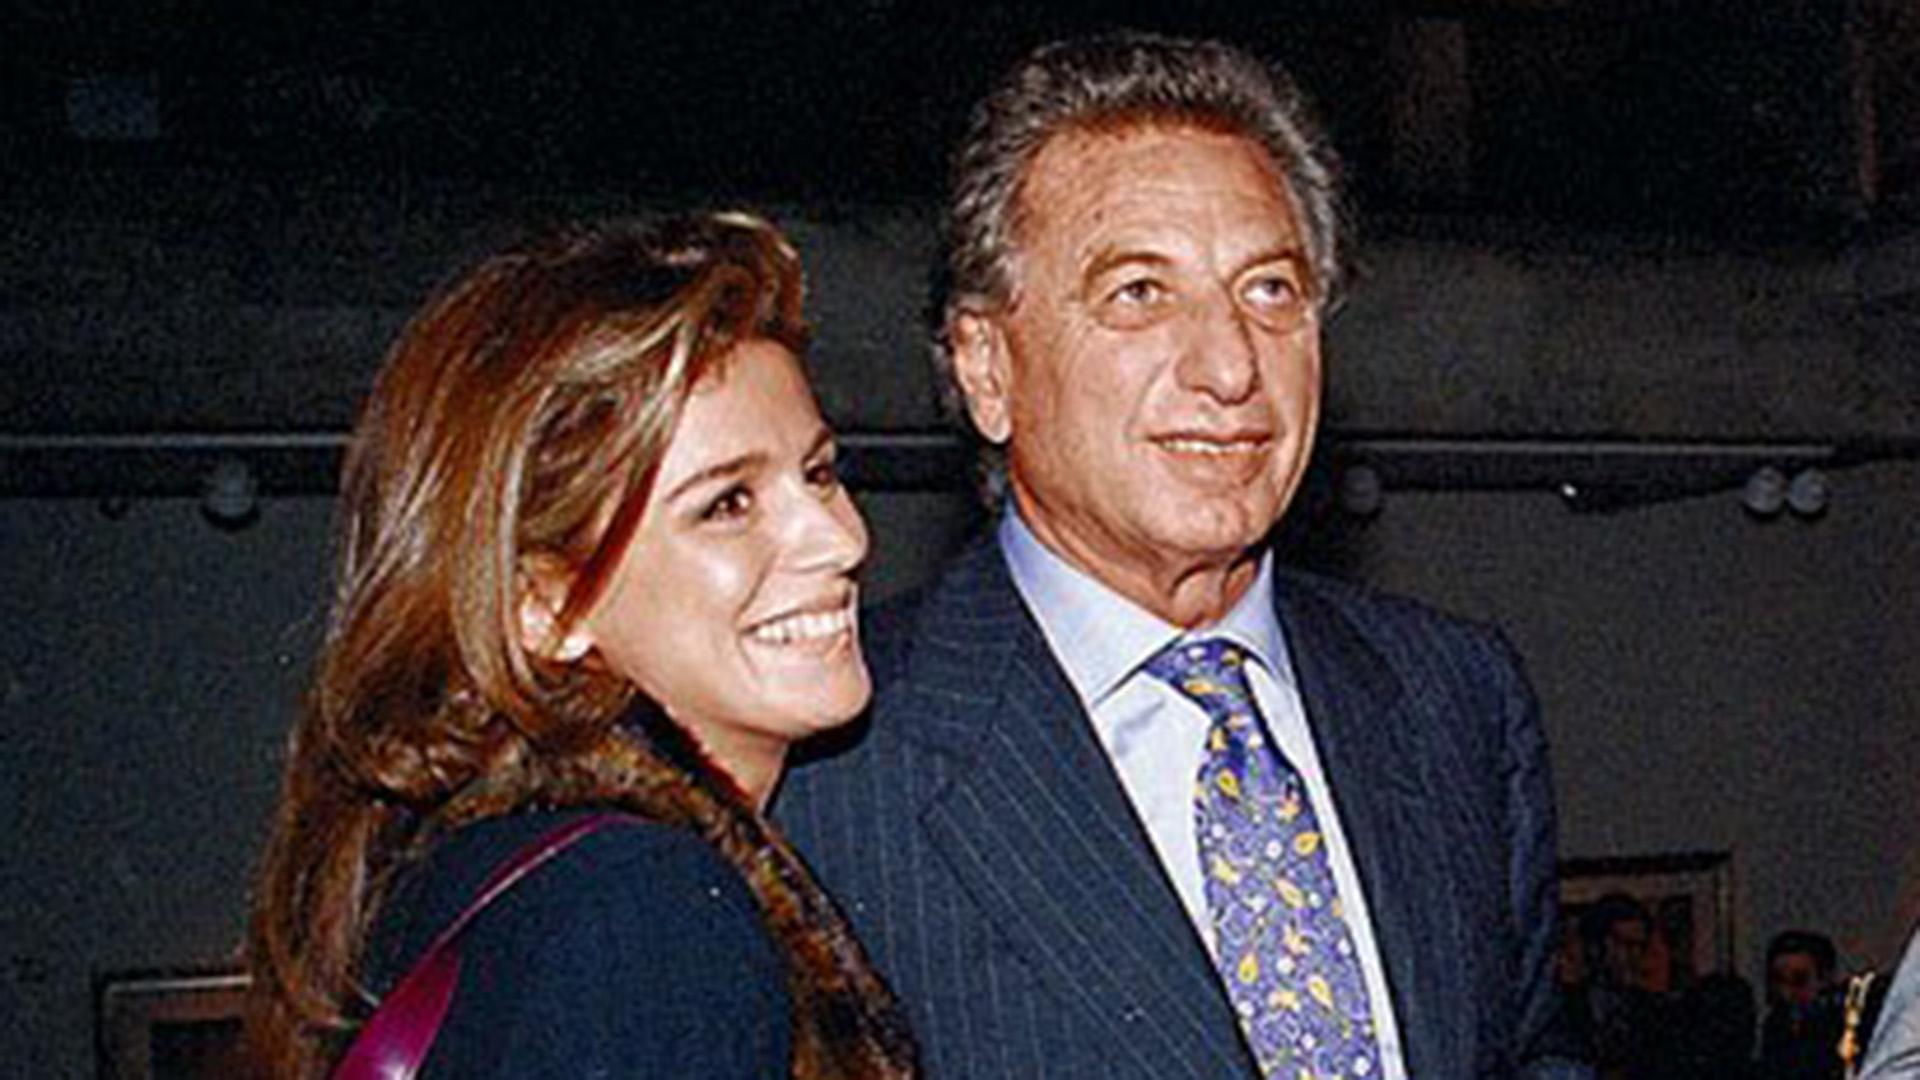 De todas las parejas de Franco, Flavia Palmiero fue la única verdaderamente popular, o famosa. Sus edades eran casi simétricas: cuando se conocieron él tenía 68 y ella 32, es decir, poco más que el doble (CEDOC)